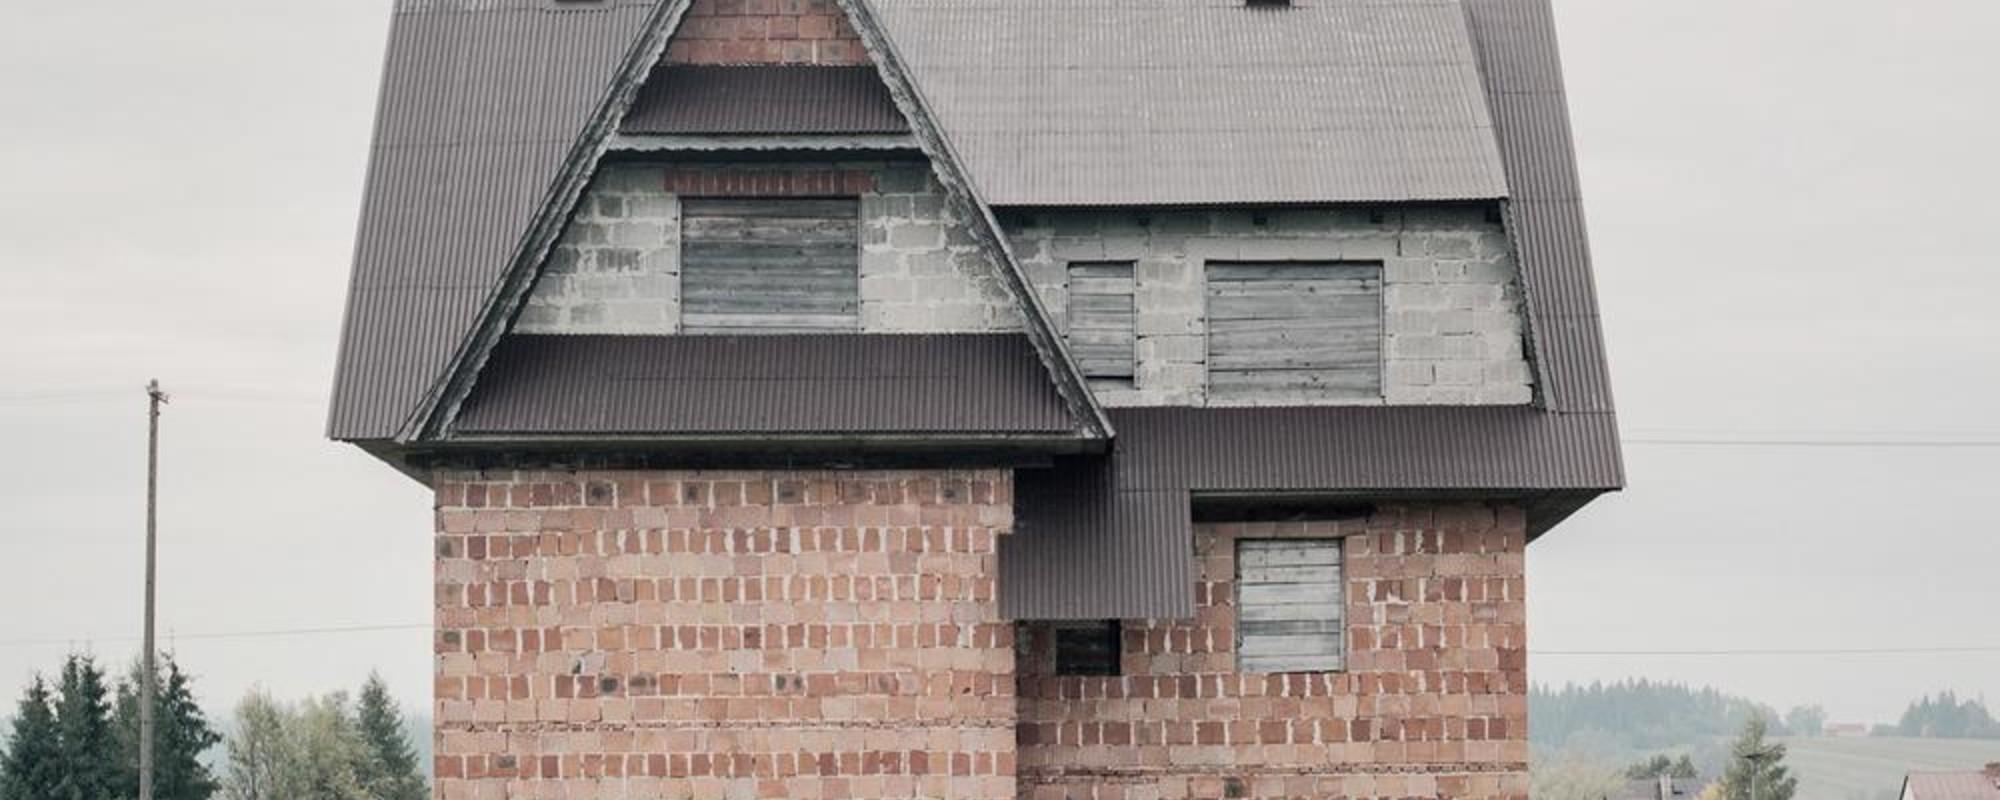 De onafgemaakte droomhuizen van Polen die vertrokken naar Amerika